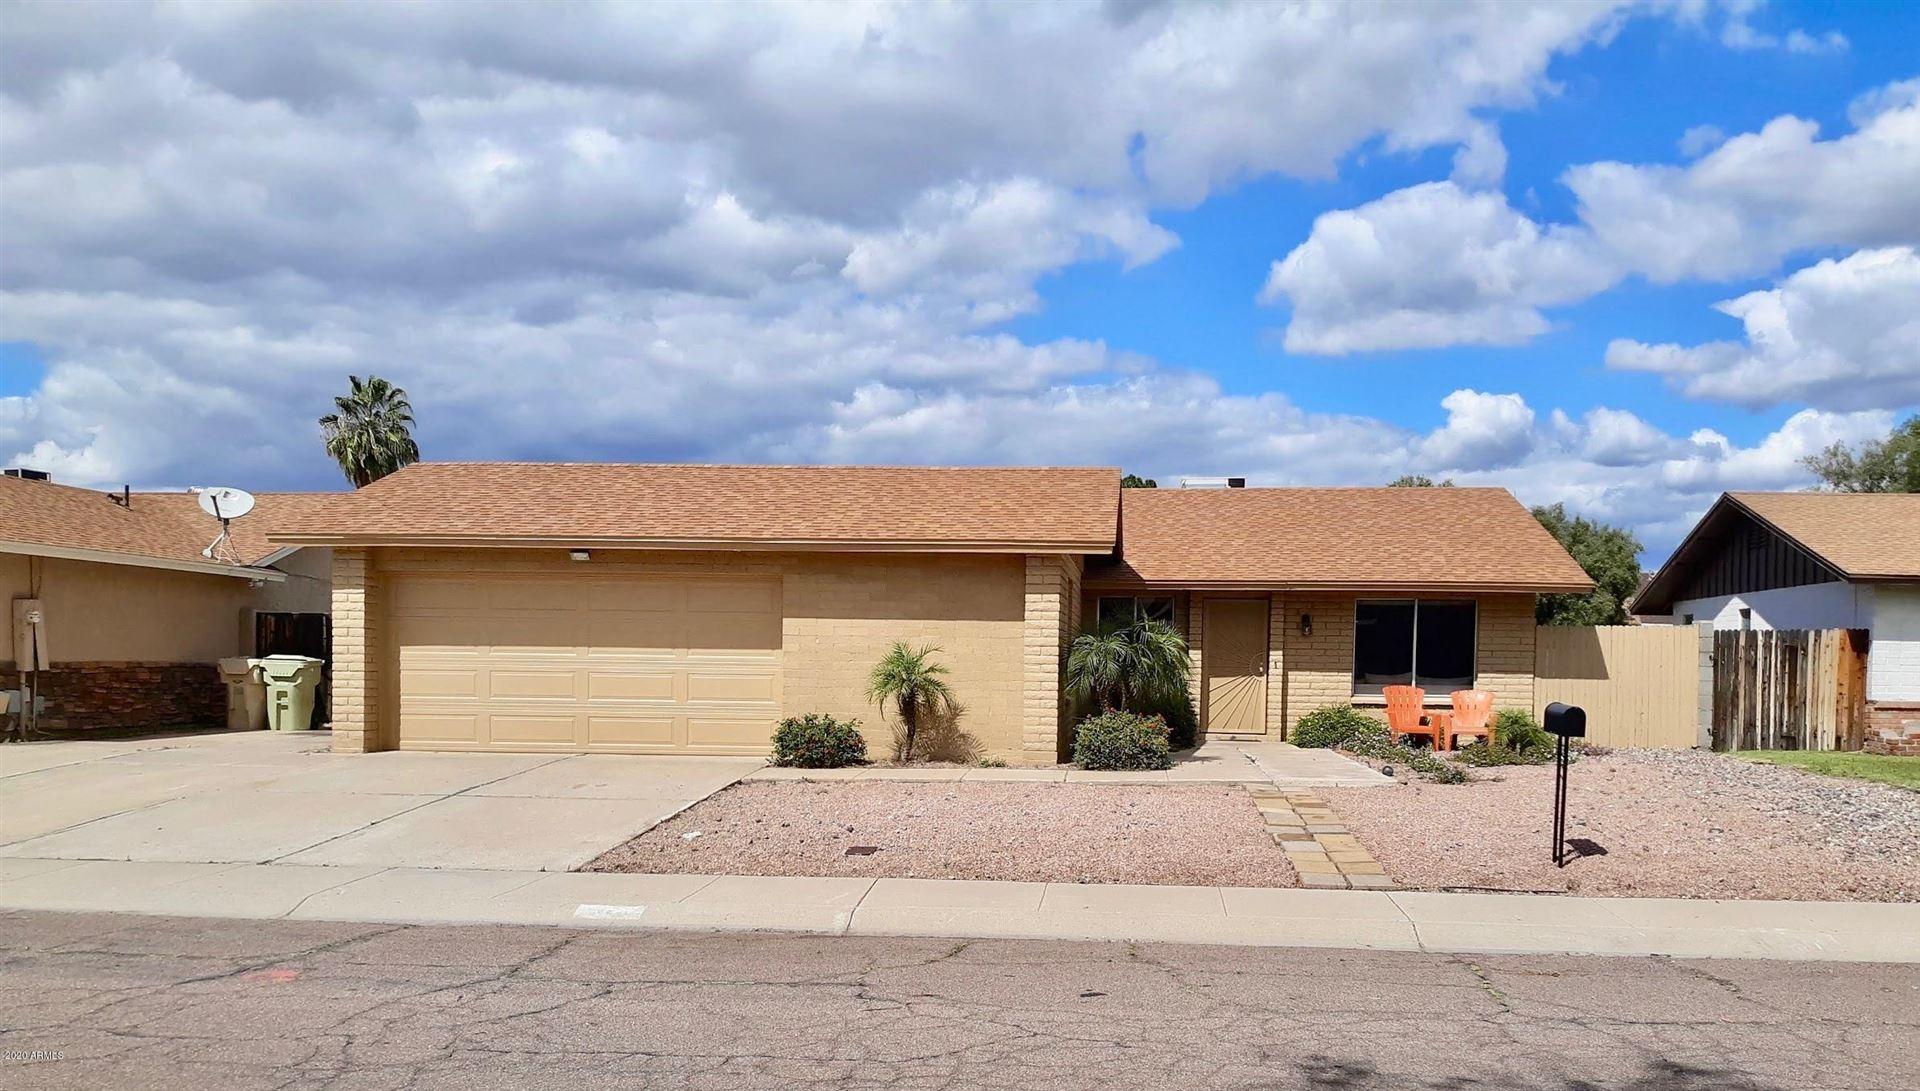 5558 W CORTEZ Street, Glendale, AZ 85304 - #: 6111795